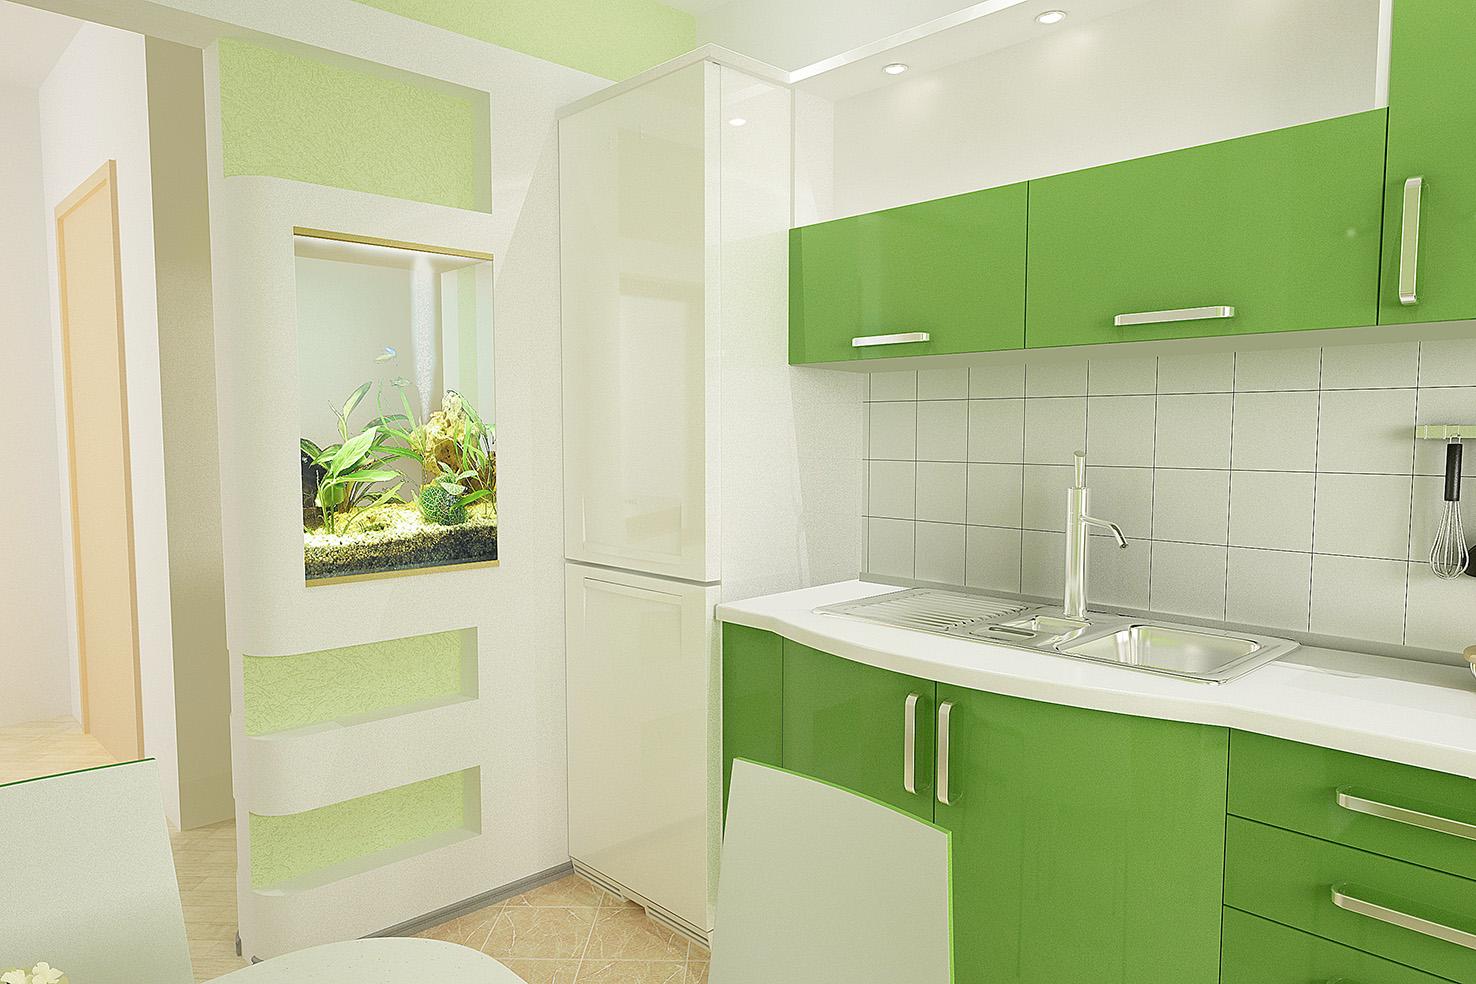 2х комнатная квартира в Ростове-на-Дону